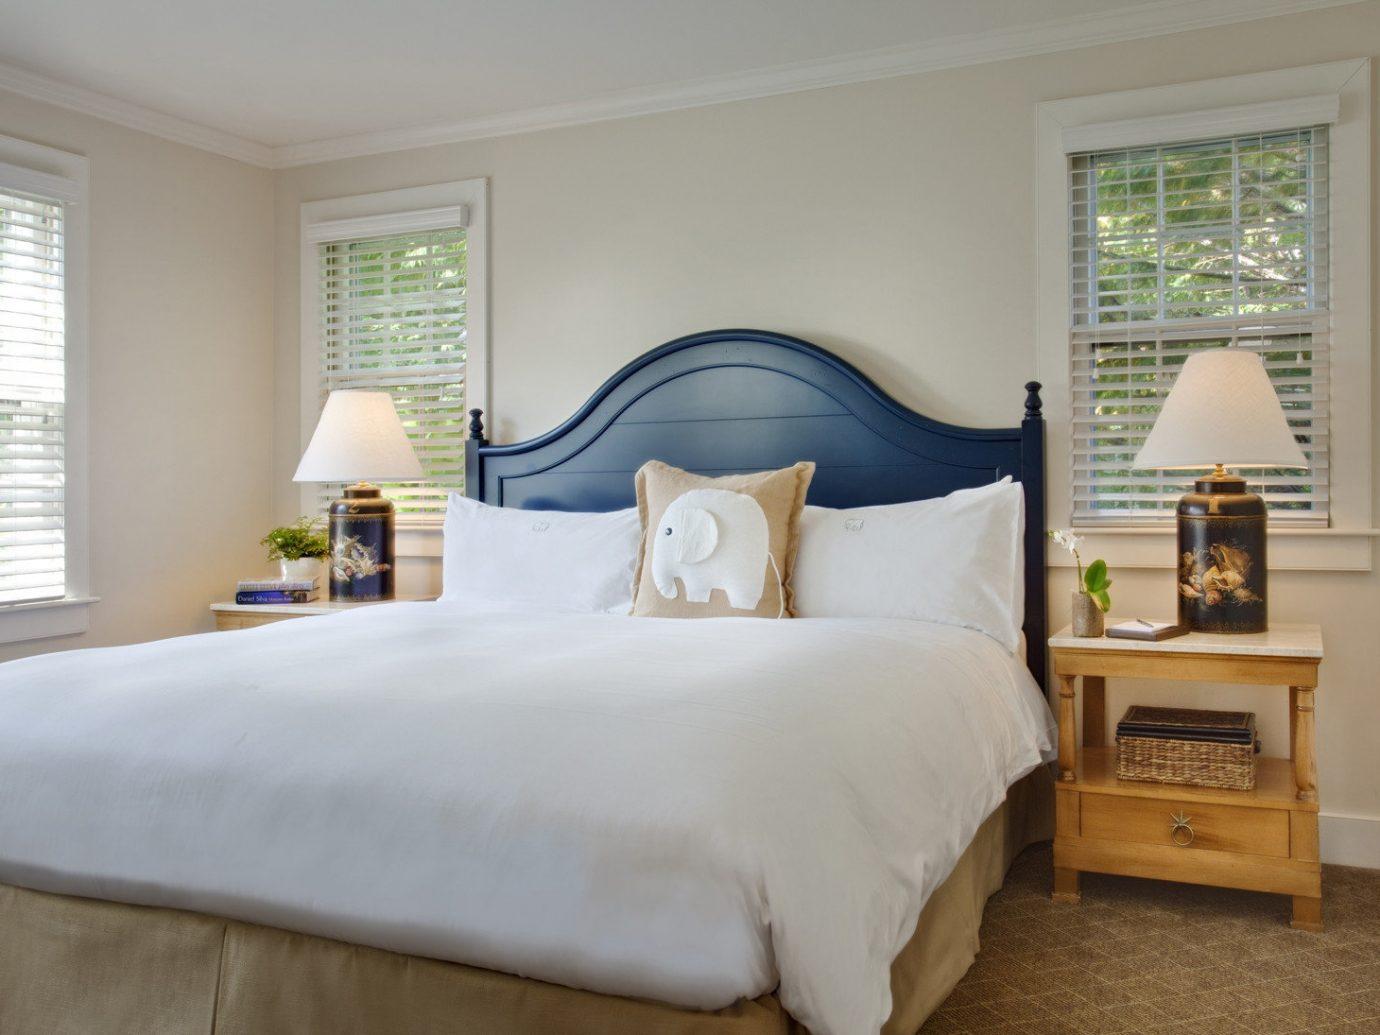 Bedroom at White Elephant Inn, Nantucket